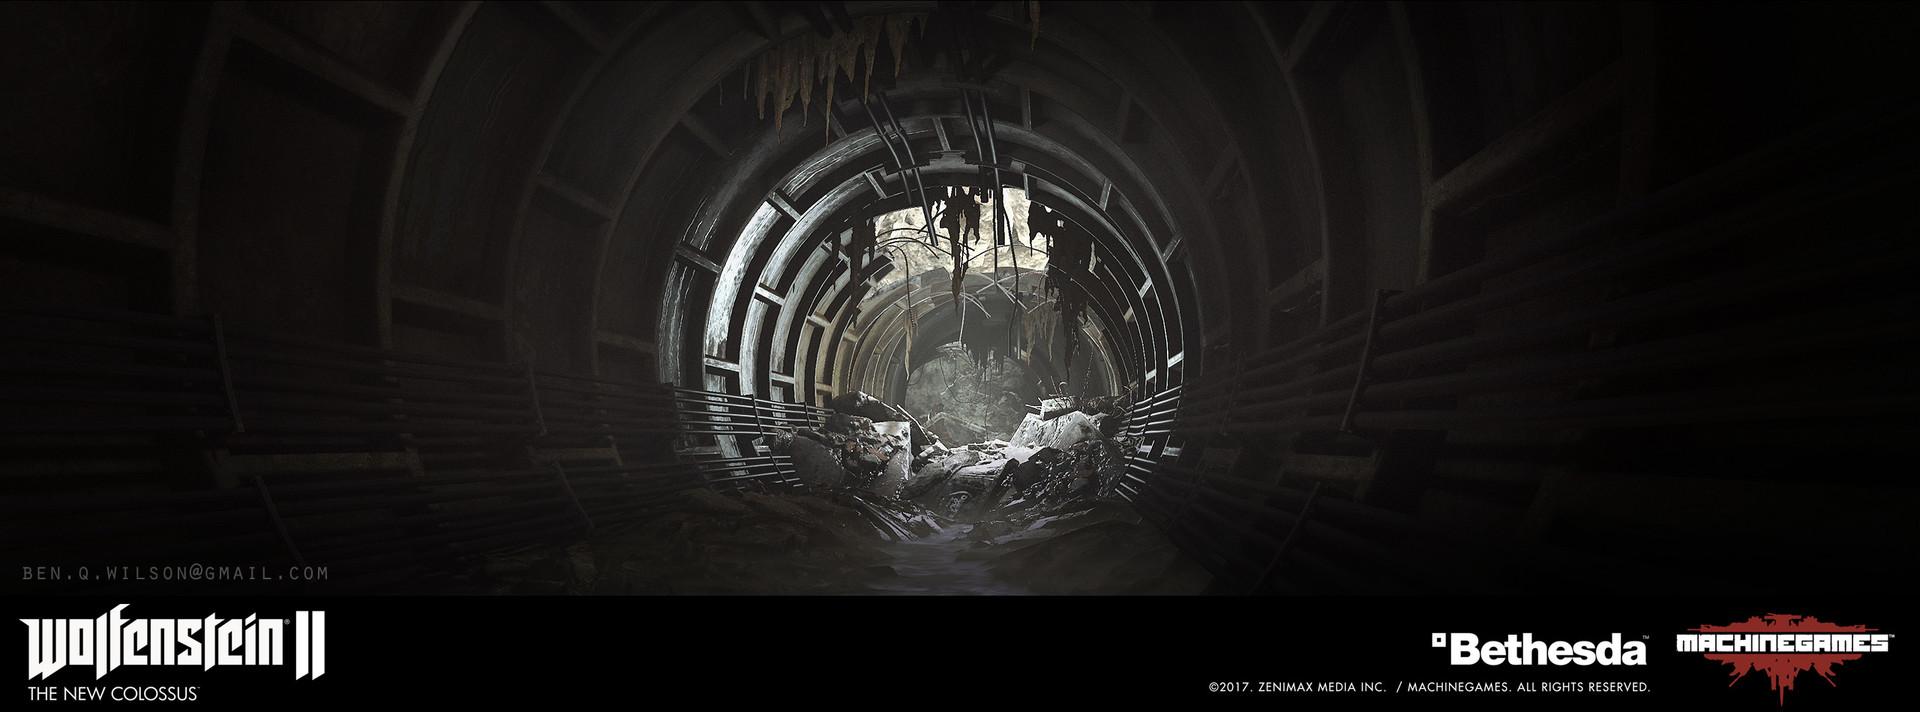 Ben wilson manhattan tunnels 01